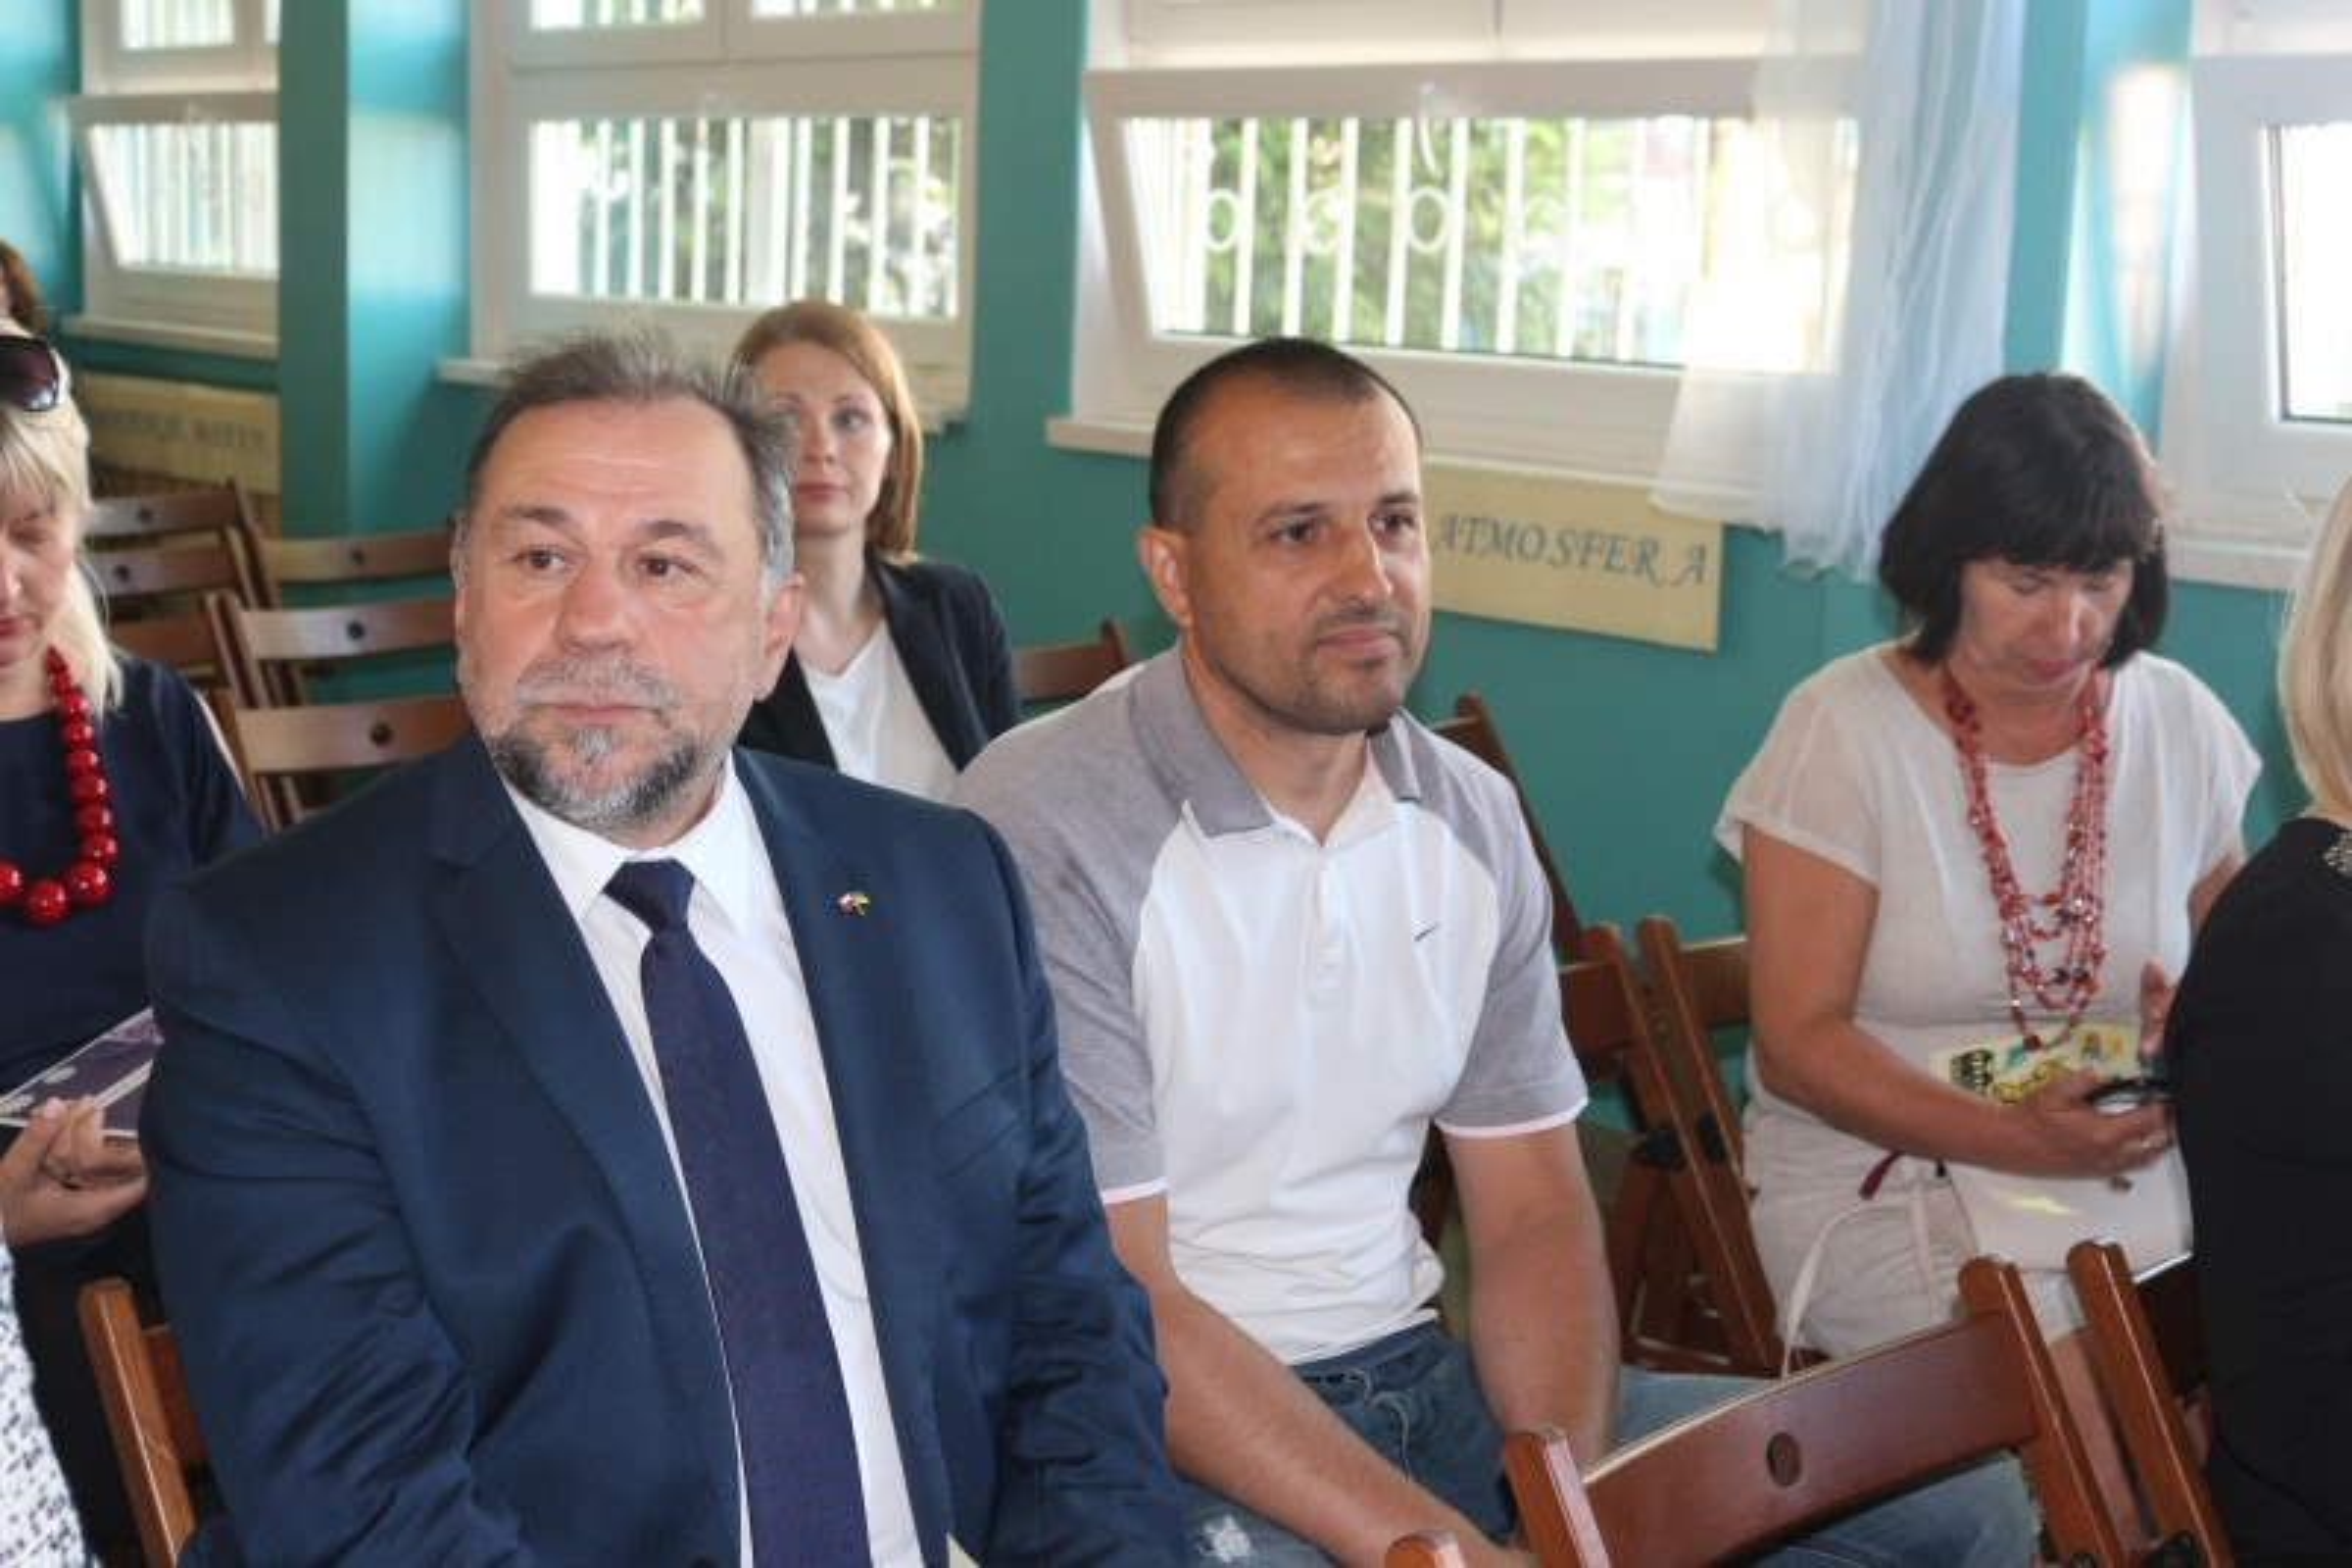 Лев Захарчишин, Консул-руководитель Украины в Гданське (слева), Эля Кжеминская, глава Поморского объединения украинцев в Польше (справа)